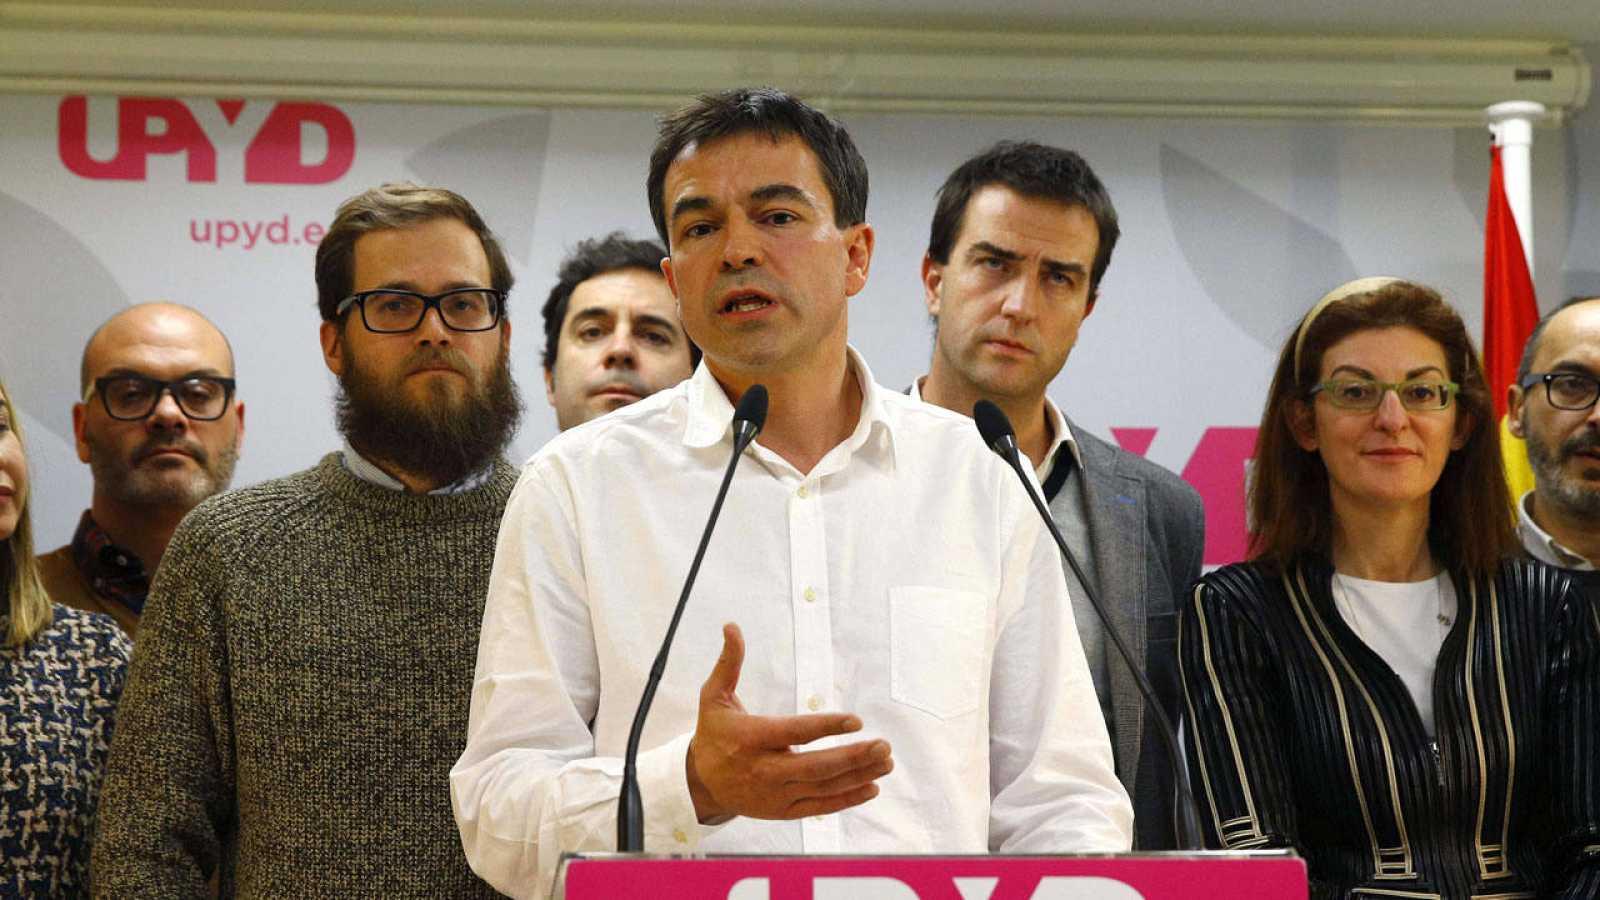 El candidato de UPyD, Andrés Herzog, en la rueda de prensa tras el consejo de dirección del partido.